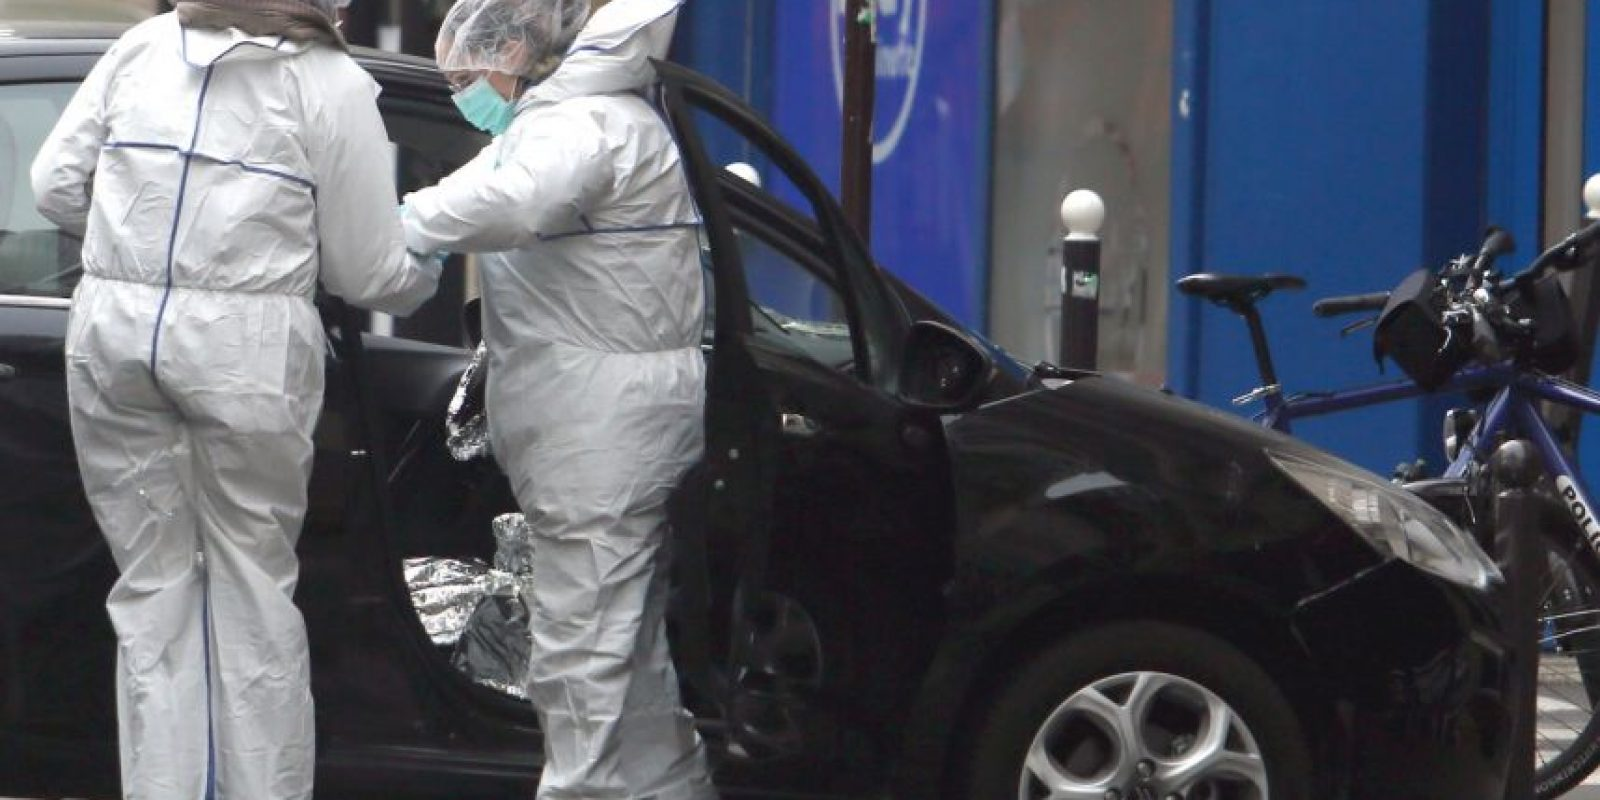 """Hasta ahora nadie ha reivindicado la autoría del ataque, sin embargo, para el presidente francés, Hollande no hay duda: """"se trata de un atentado terrorista"""" Foto:AP"""